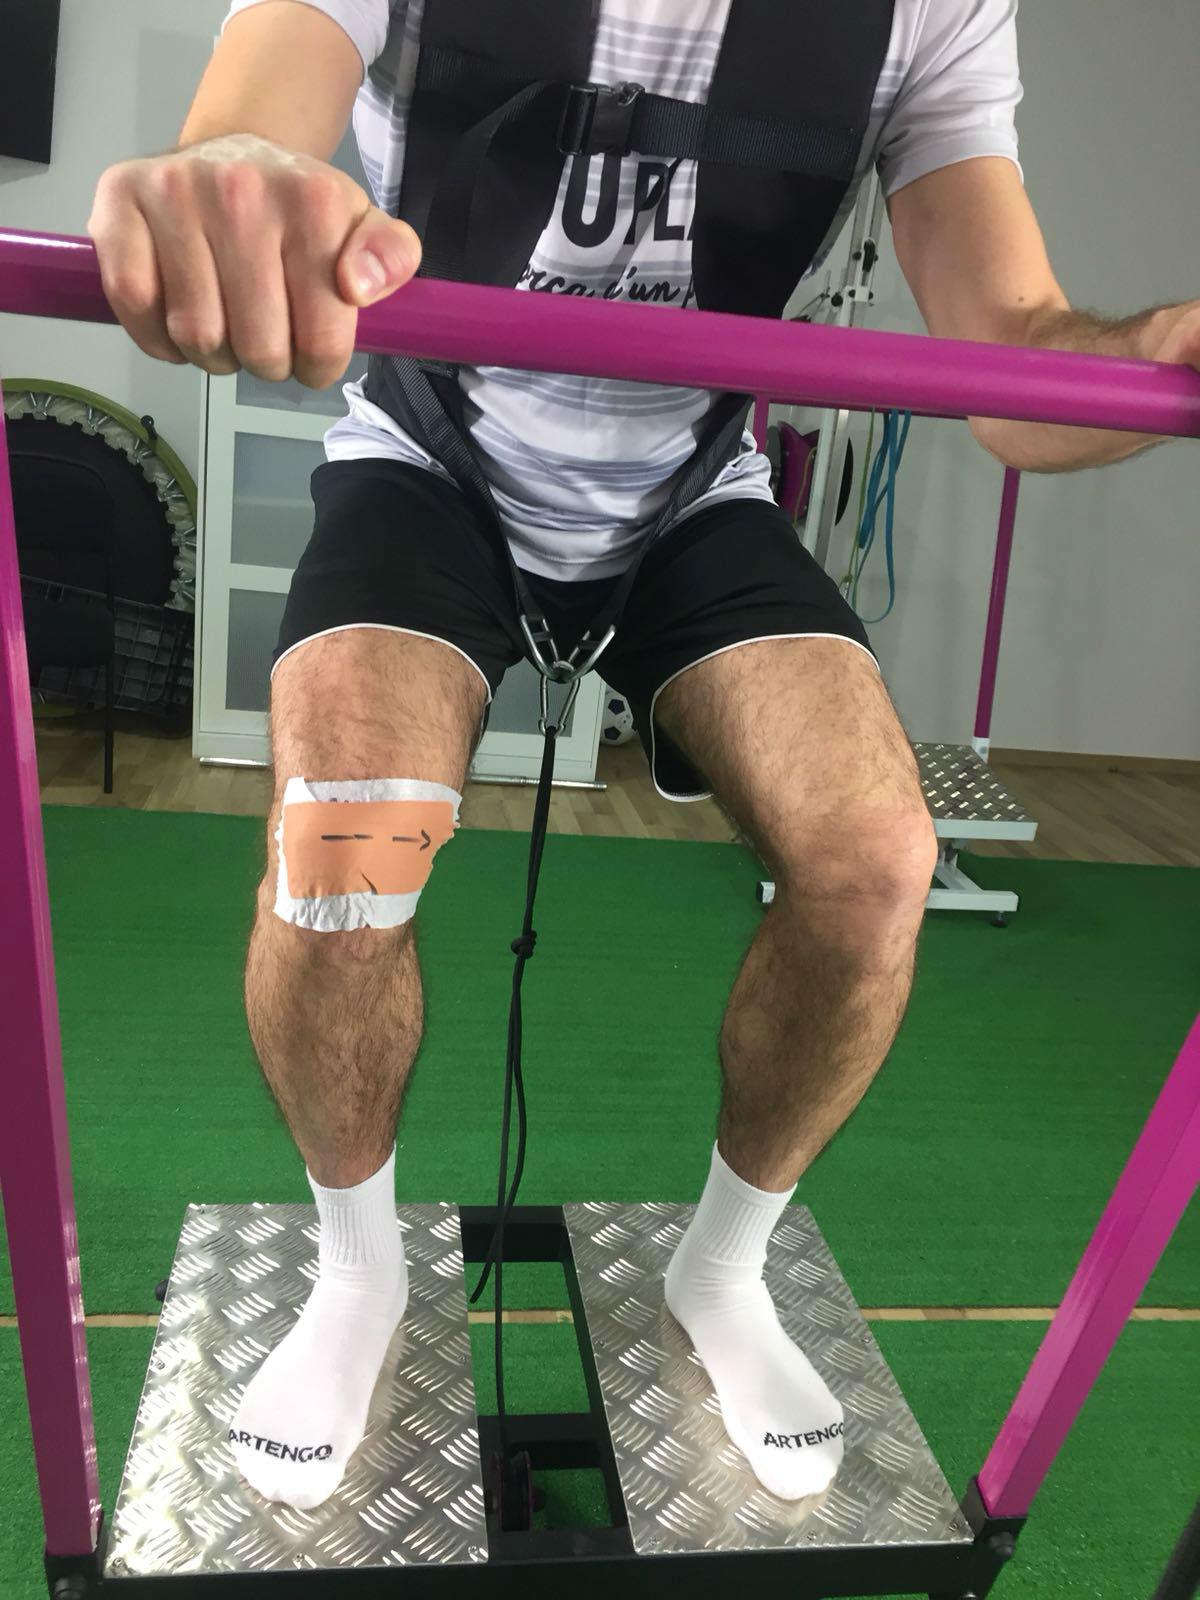 ejercicio terapeutico squat